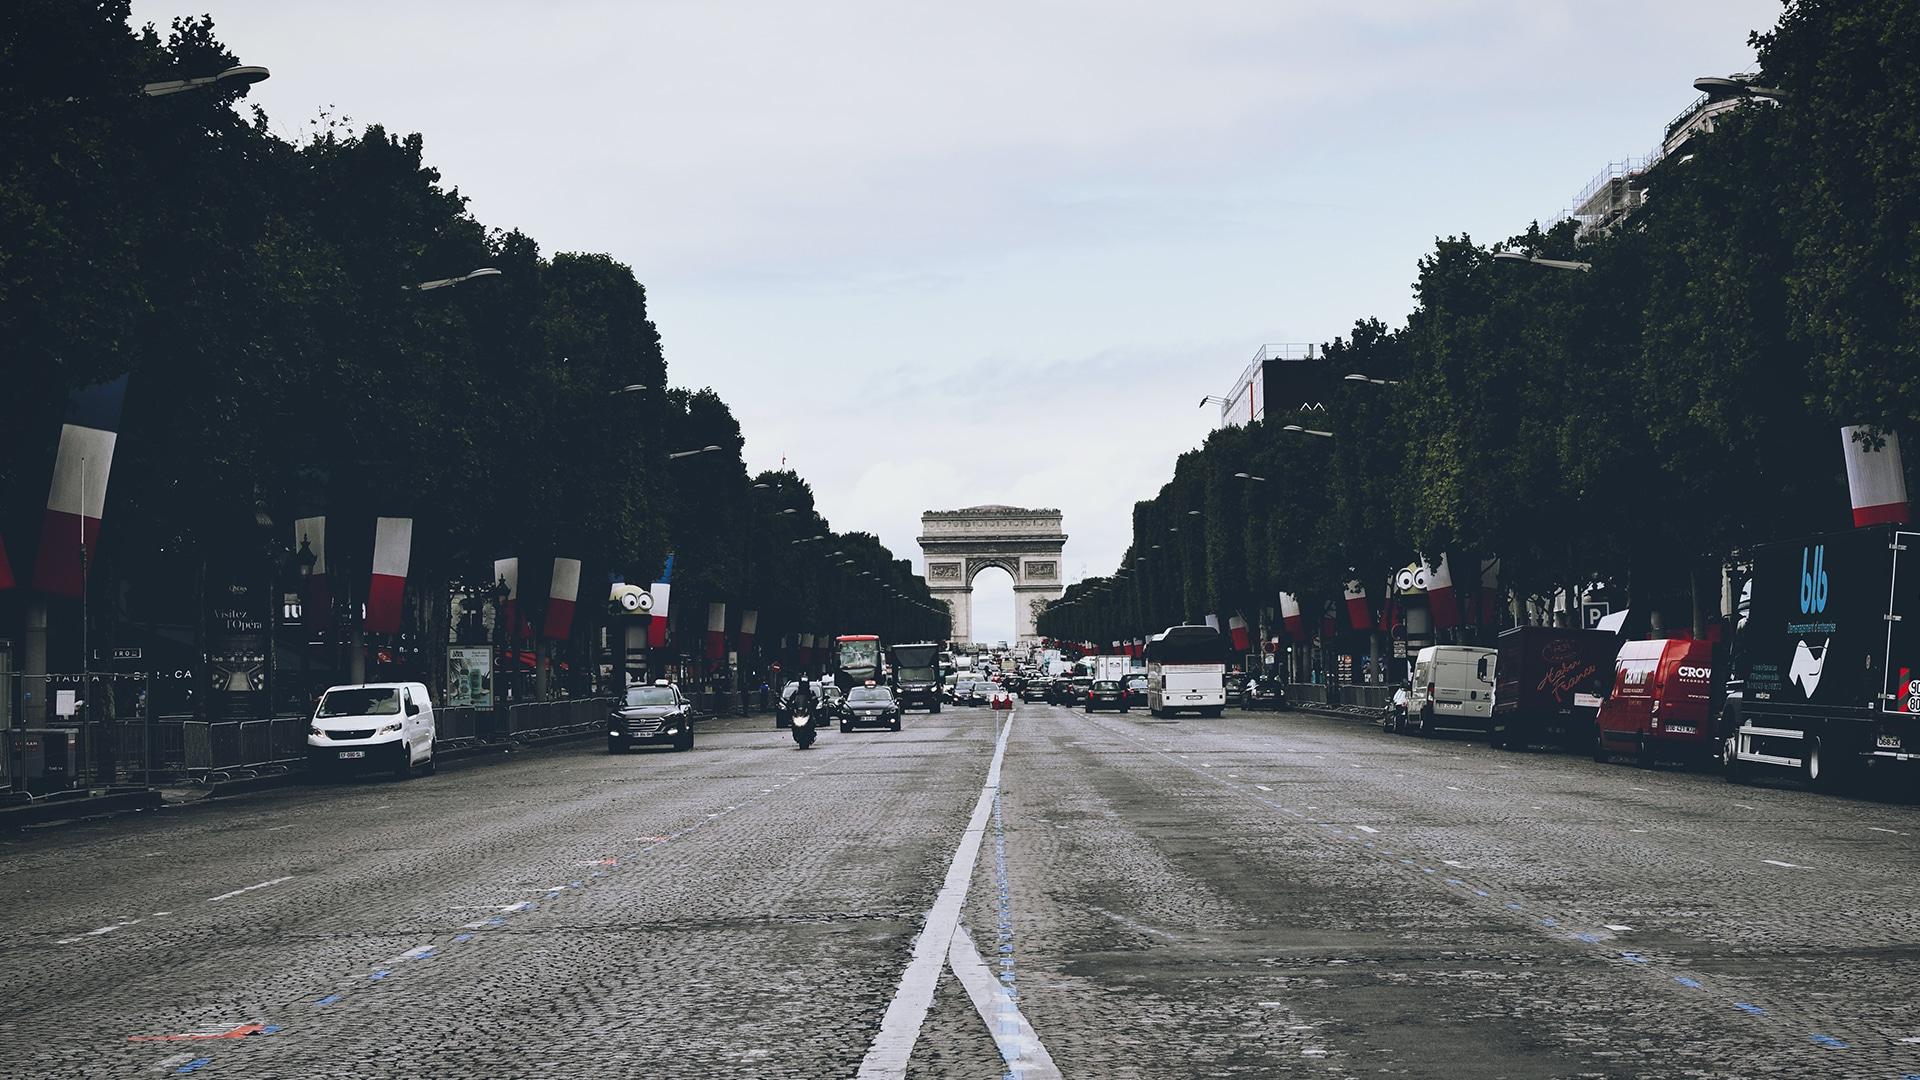 Visiter Paris : les Champs-Élysées